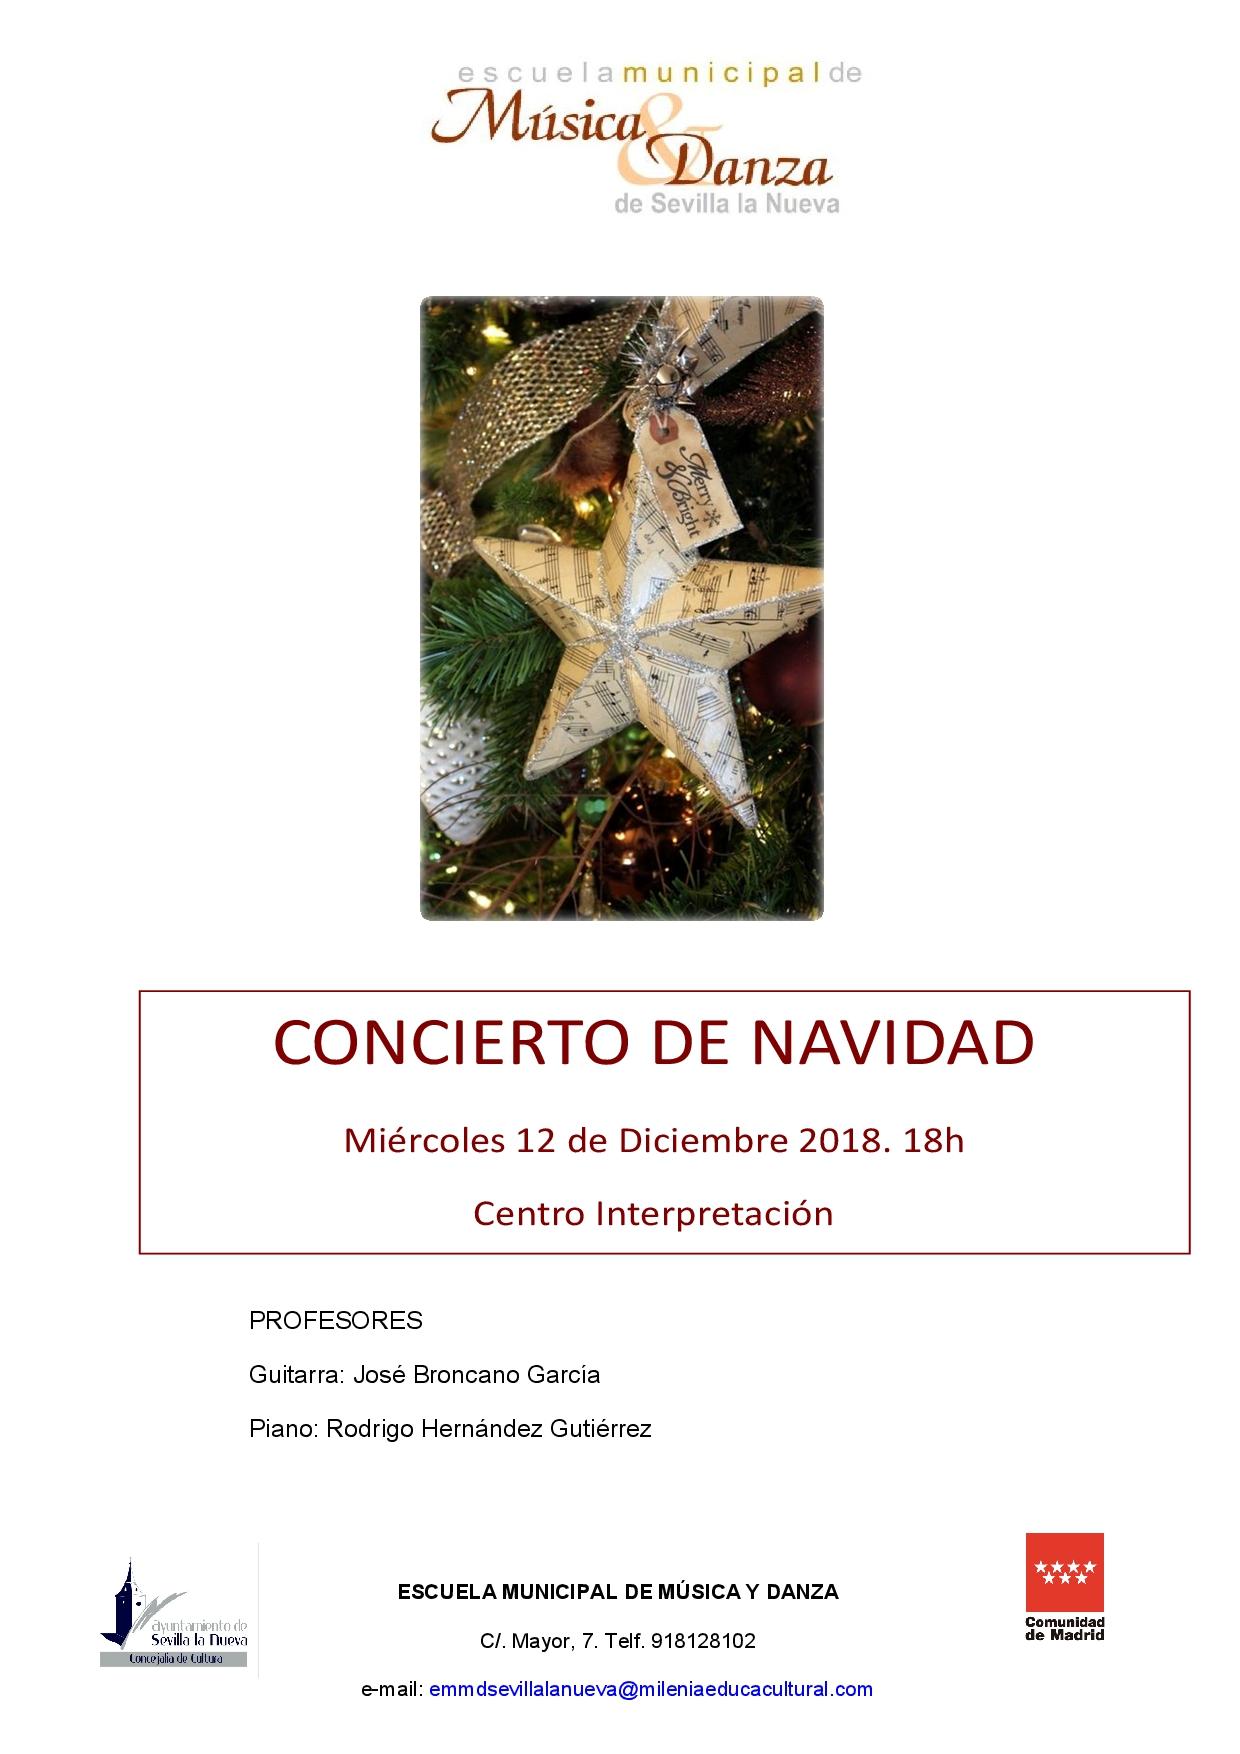 CONCIERTO DE NAVIDAD – Alumnos de piano y guitarra de la EMMD @ Centro de Interpretación